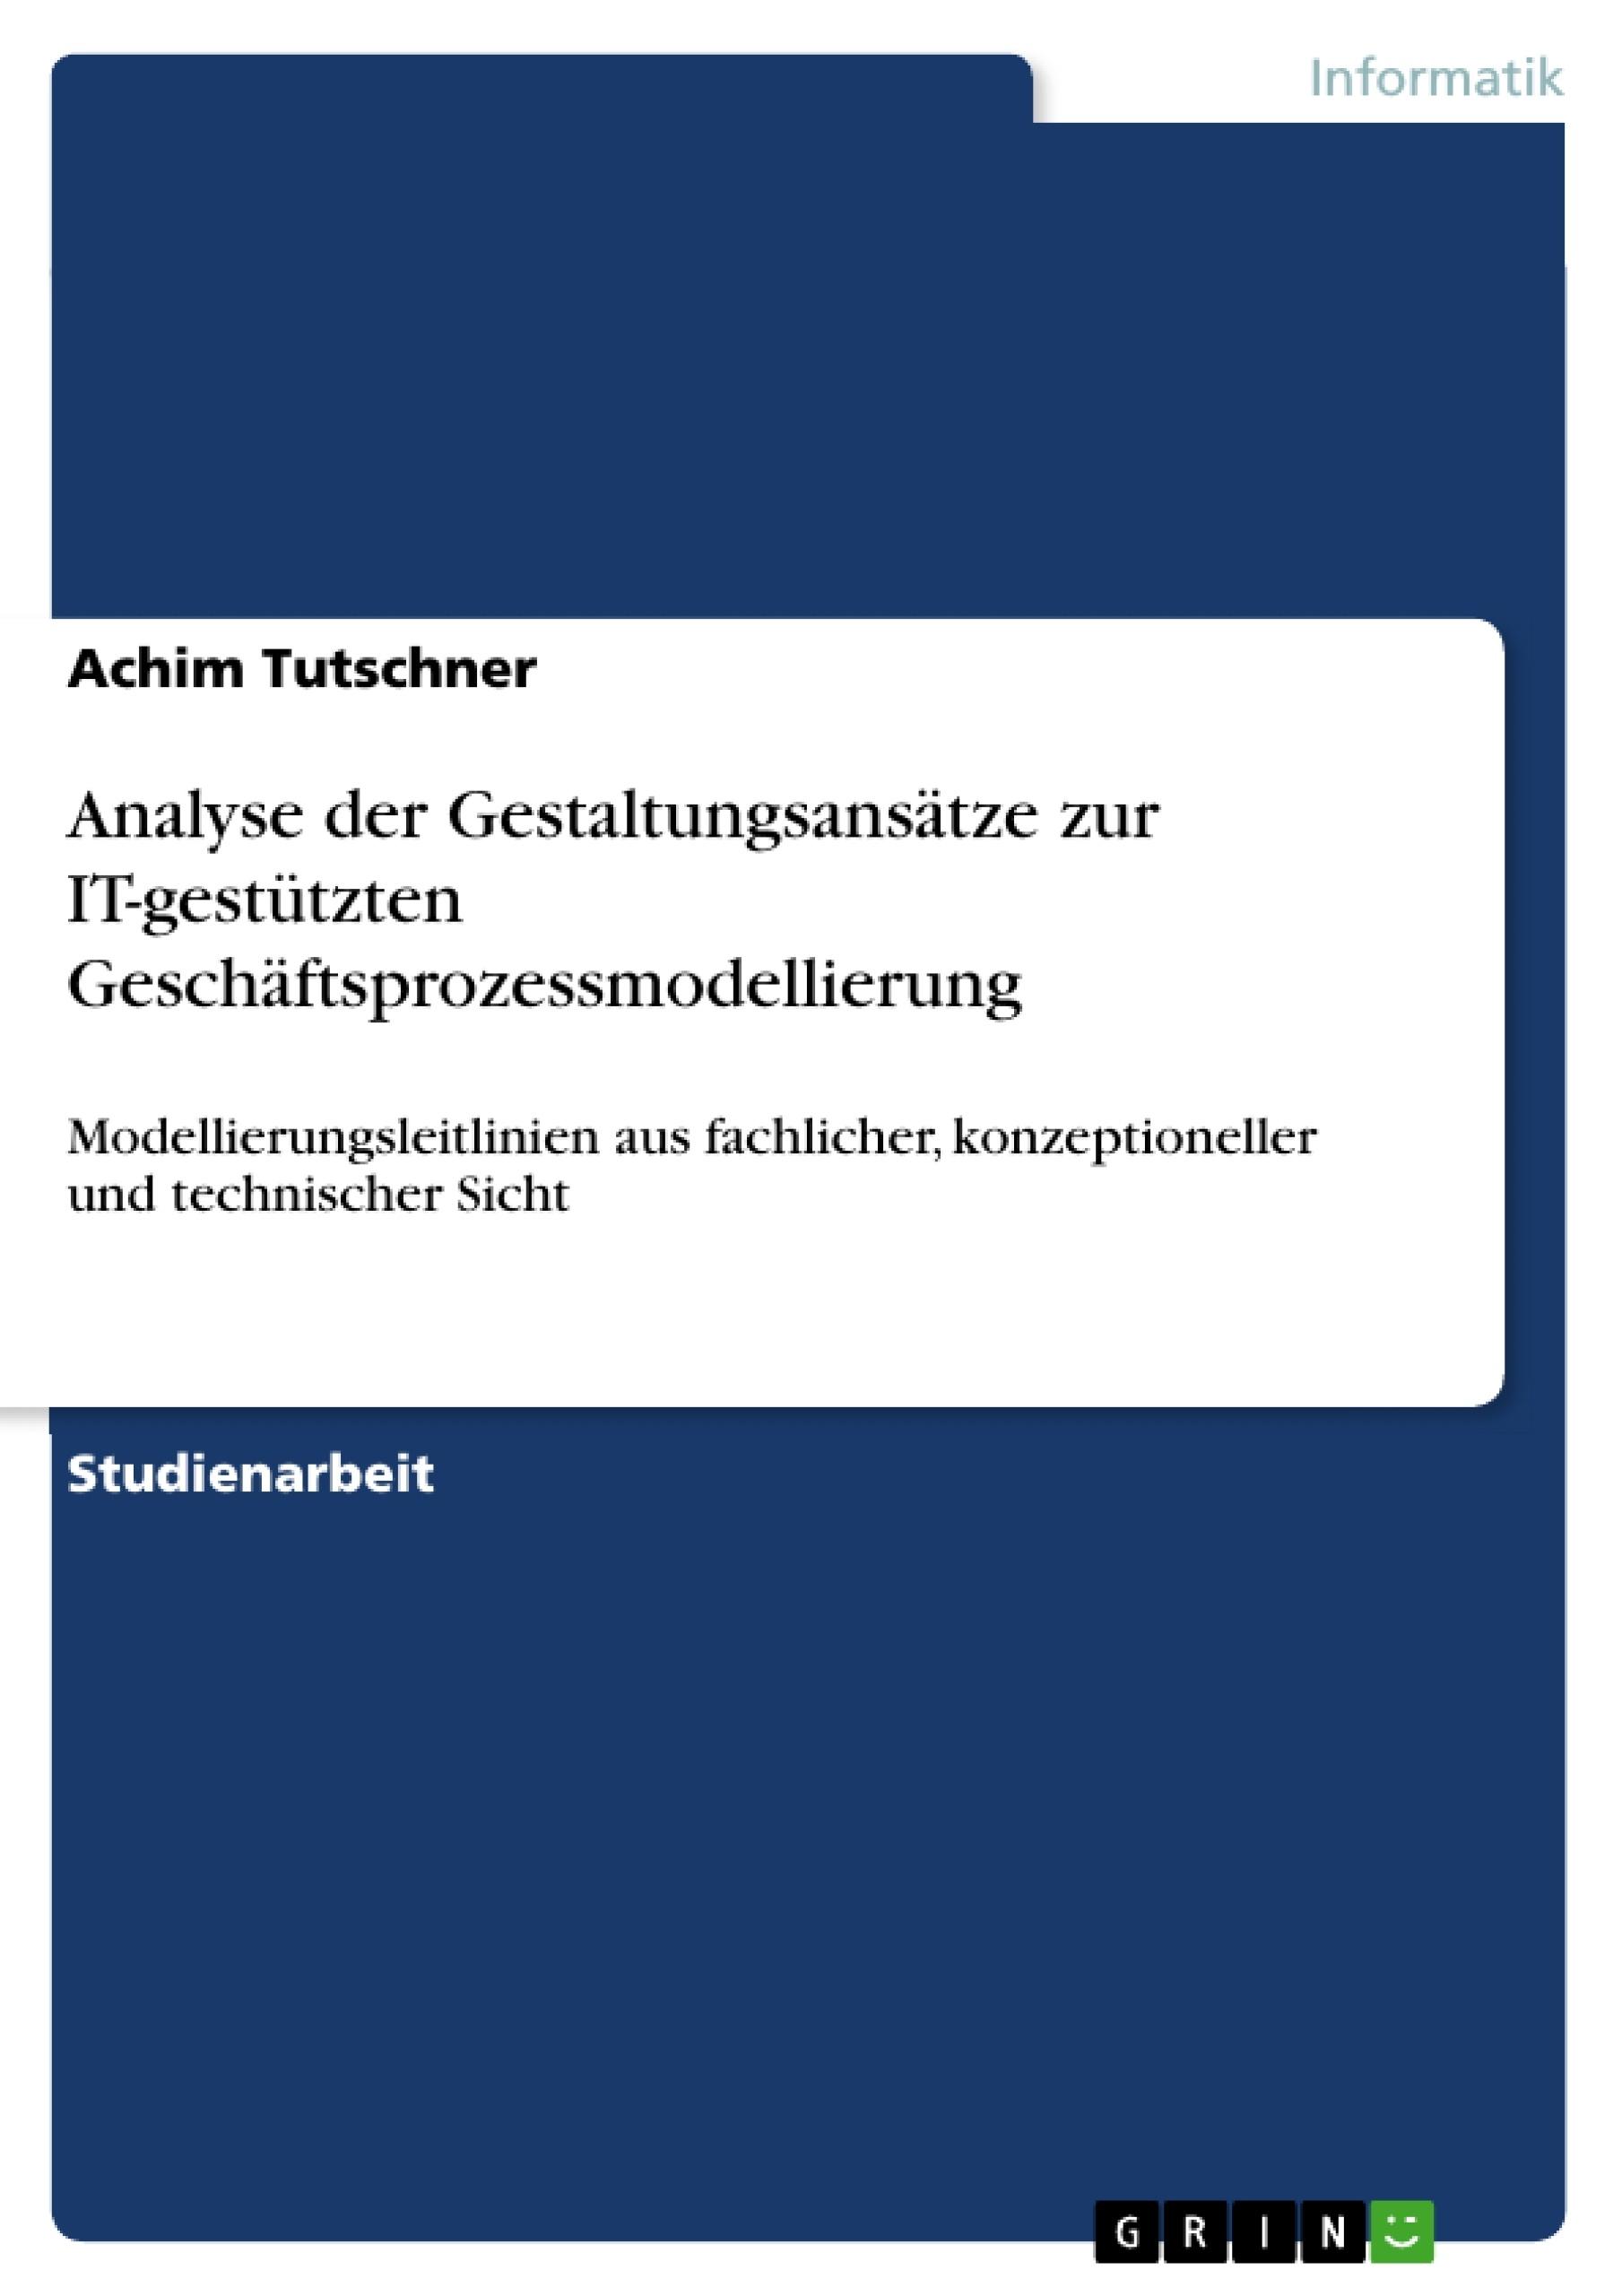 Titel: Analyse der Gestaltungsansätze zur IT-gestützten  Geschäftsprozessmodellierung